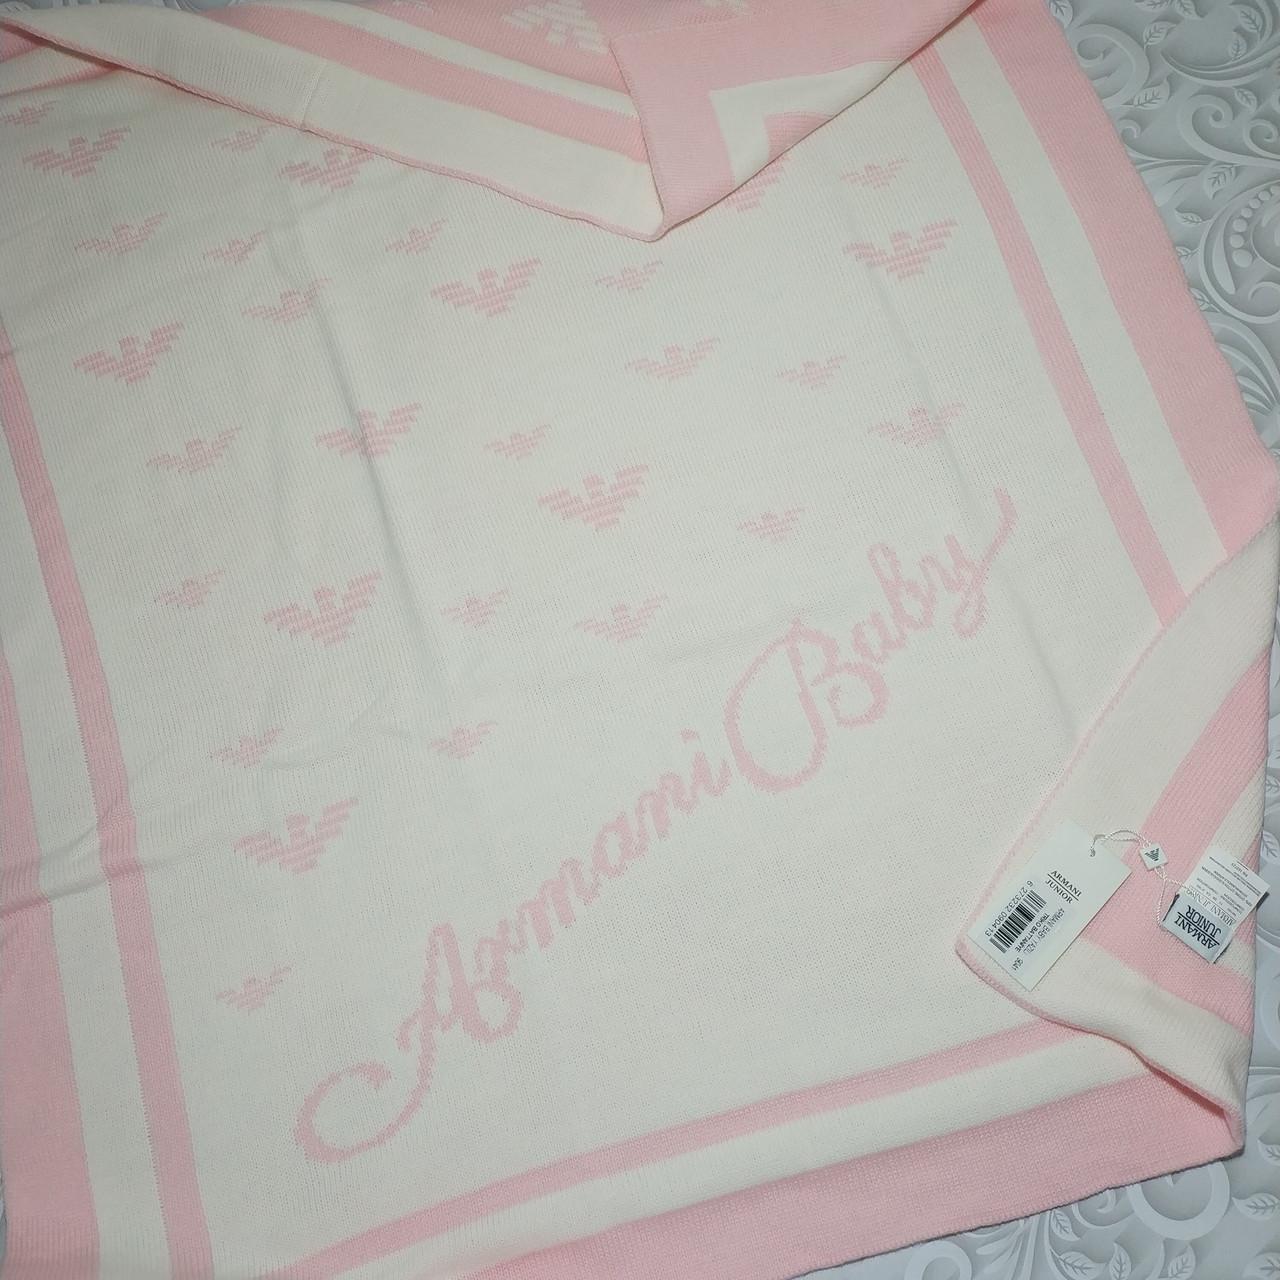 Плед Armani, детское одеяло- в коляску, кроватку, машину